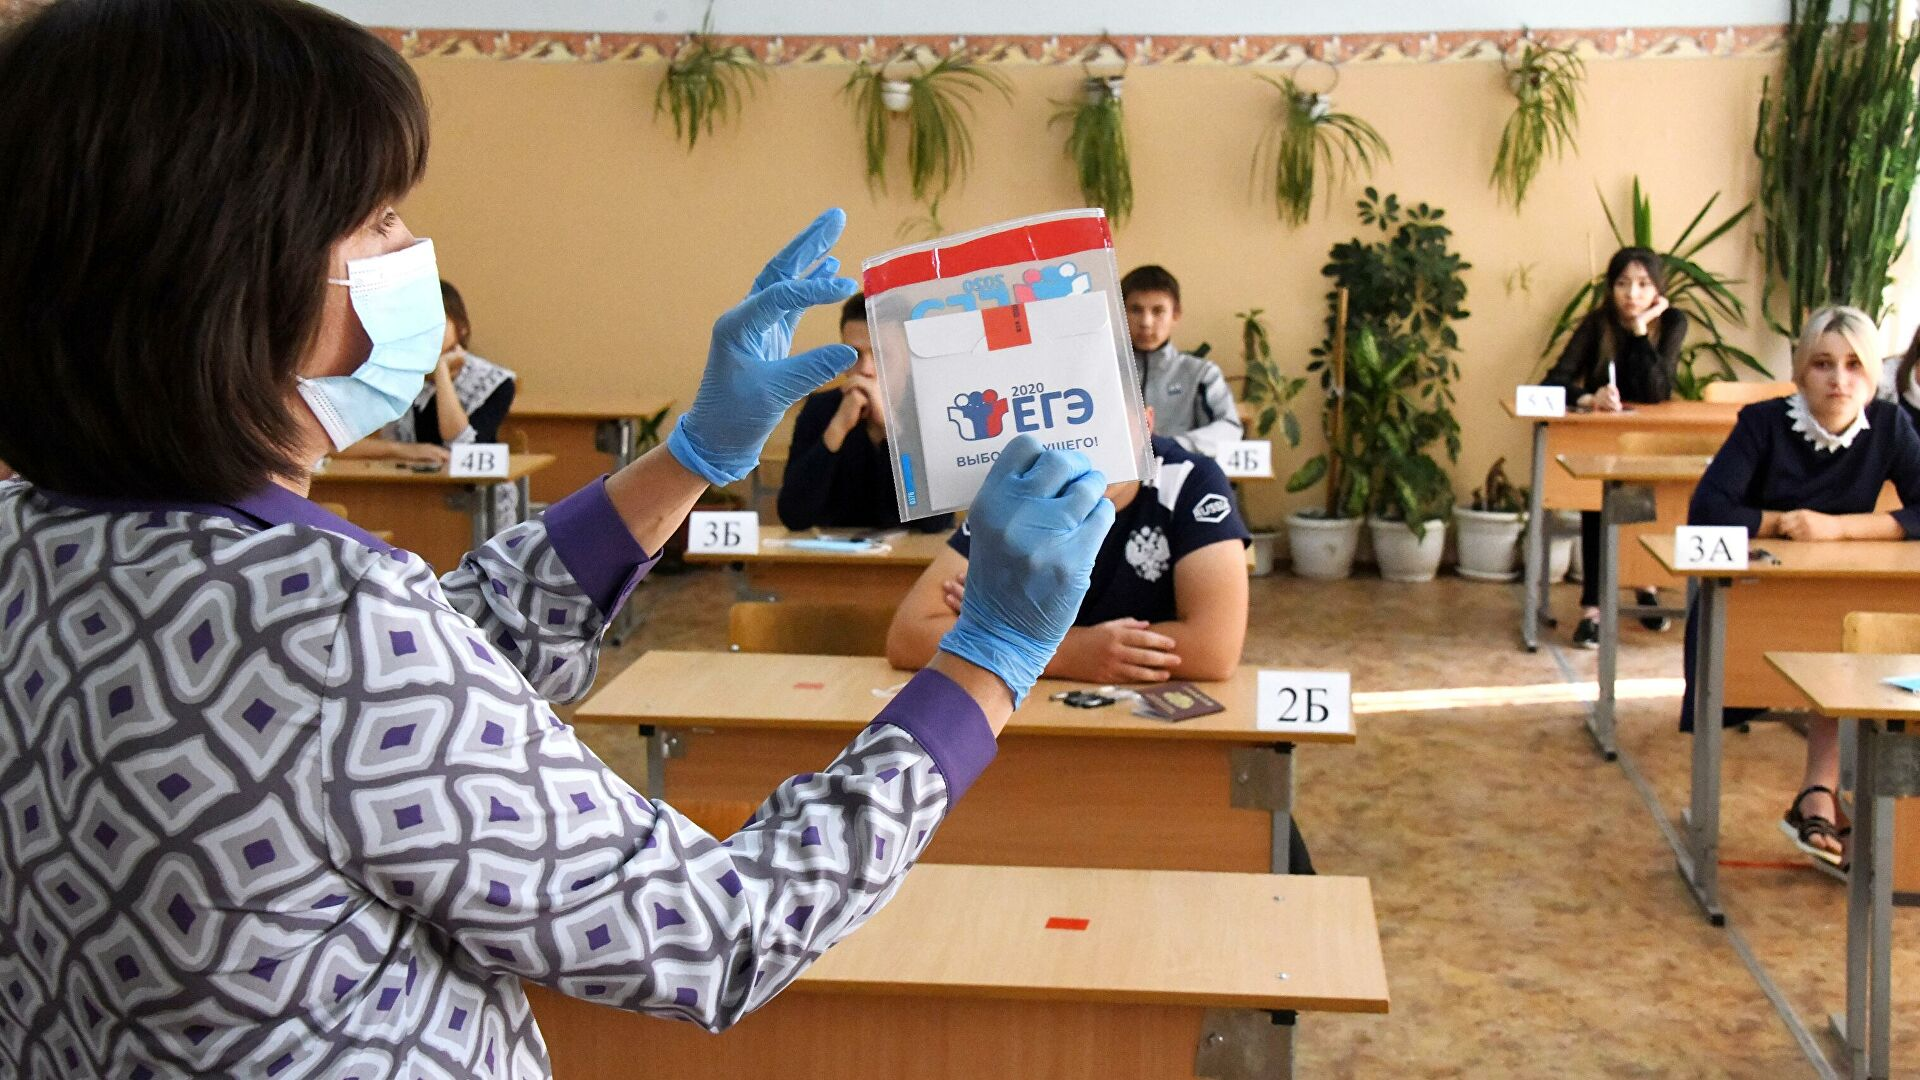 Кравцов назвал отмену ЕГЭ для некоторых школьников временной мерой